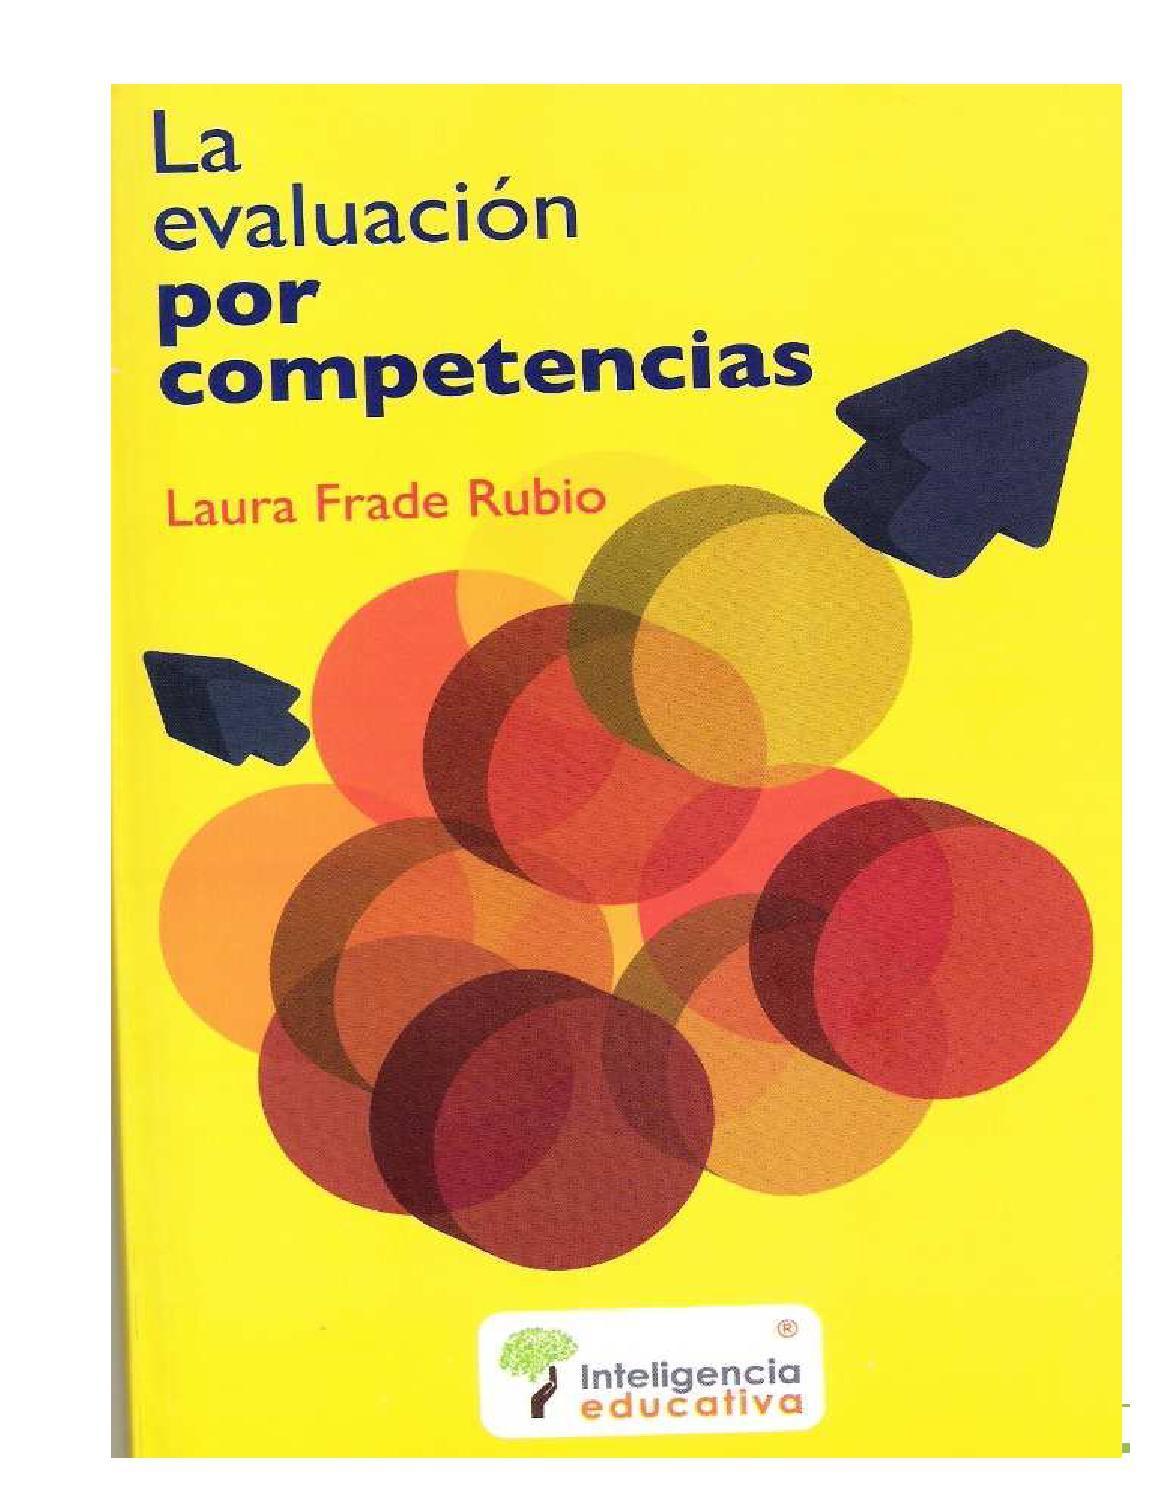 Laura frade rubio la evaluacion basada en competencias by Luis ...